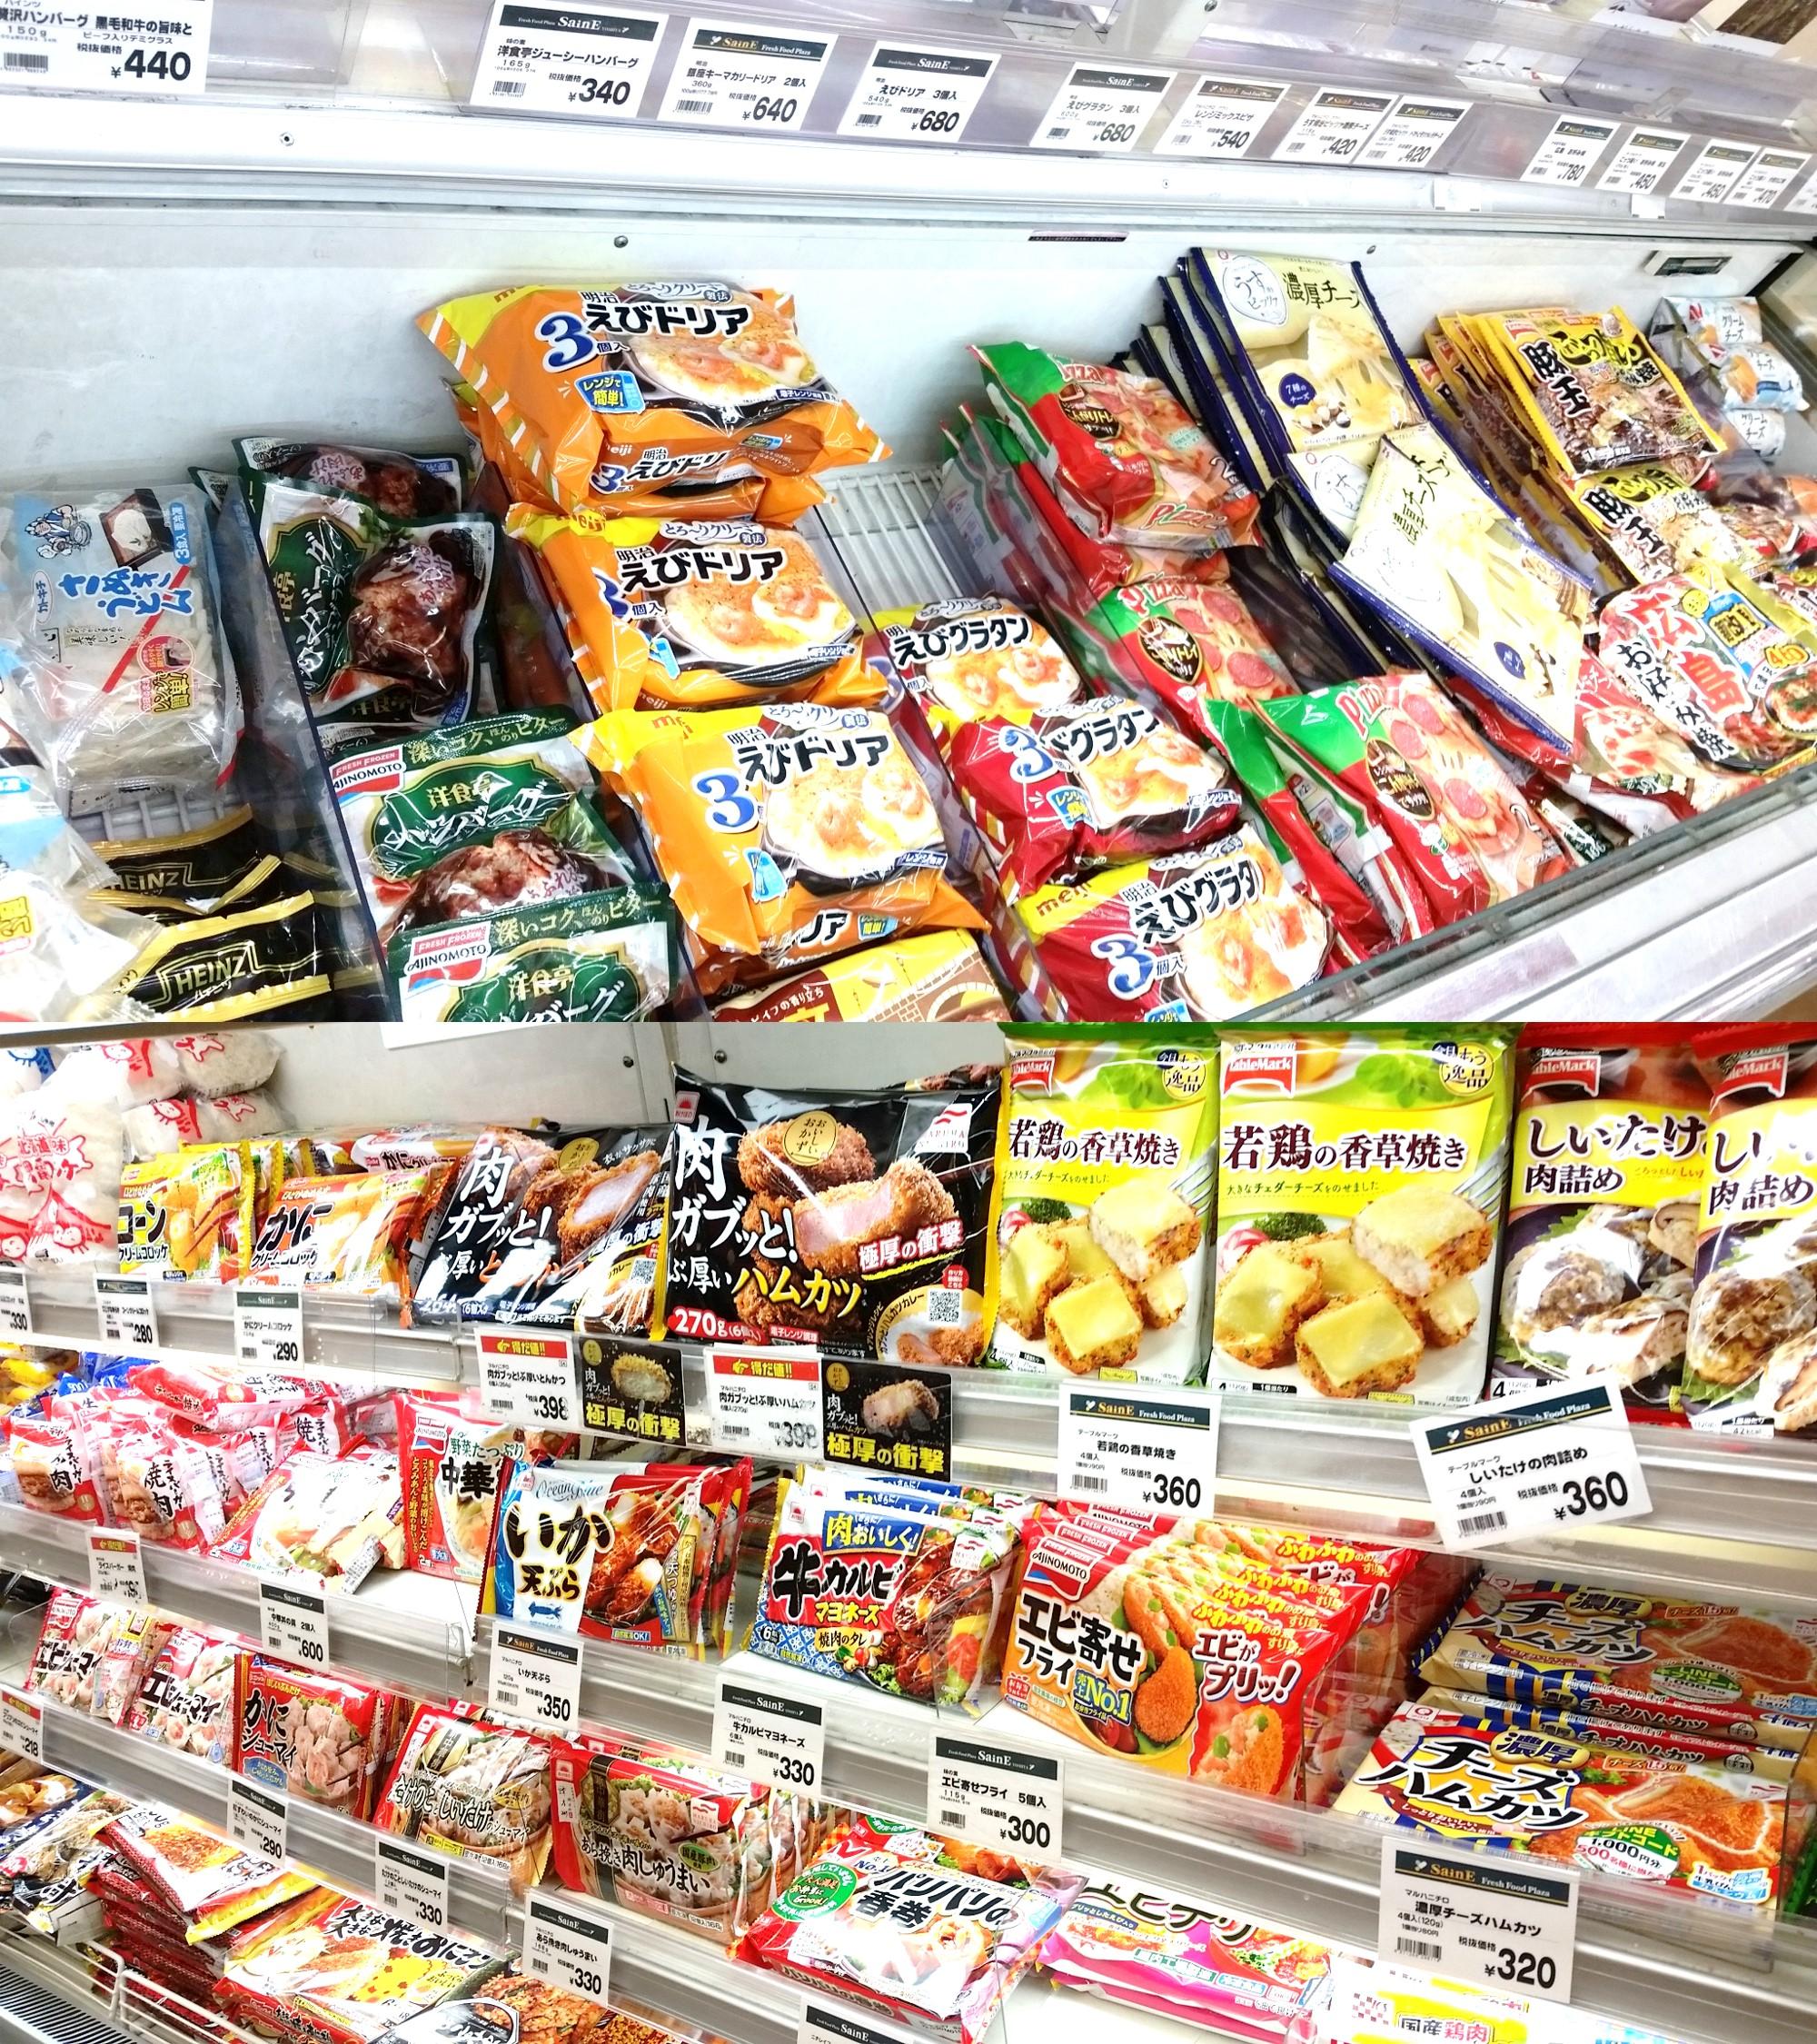 小竹向原_スーパー_よしや_03冷凍食品02